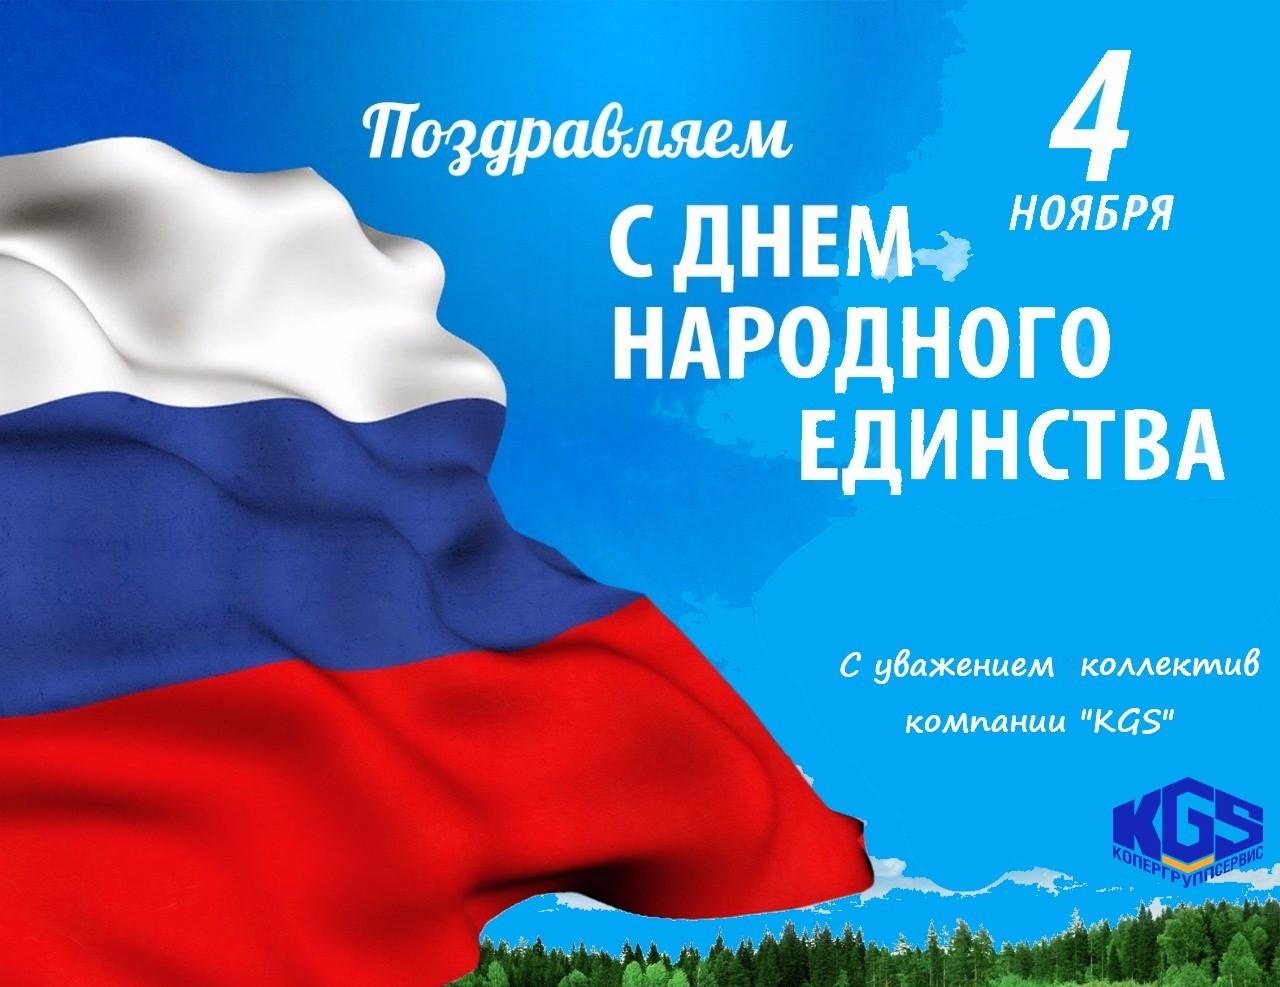 День народного единства 4 ноября!